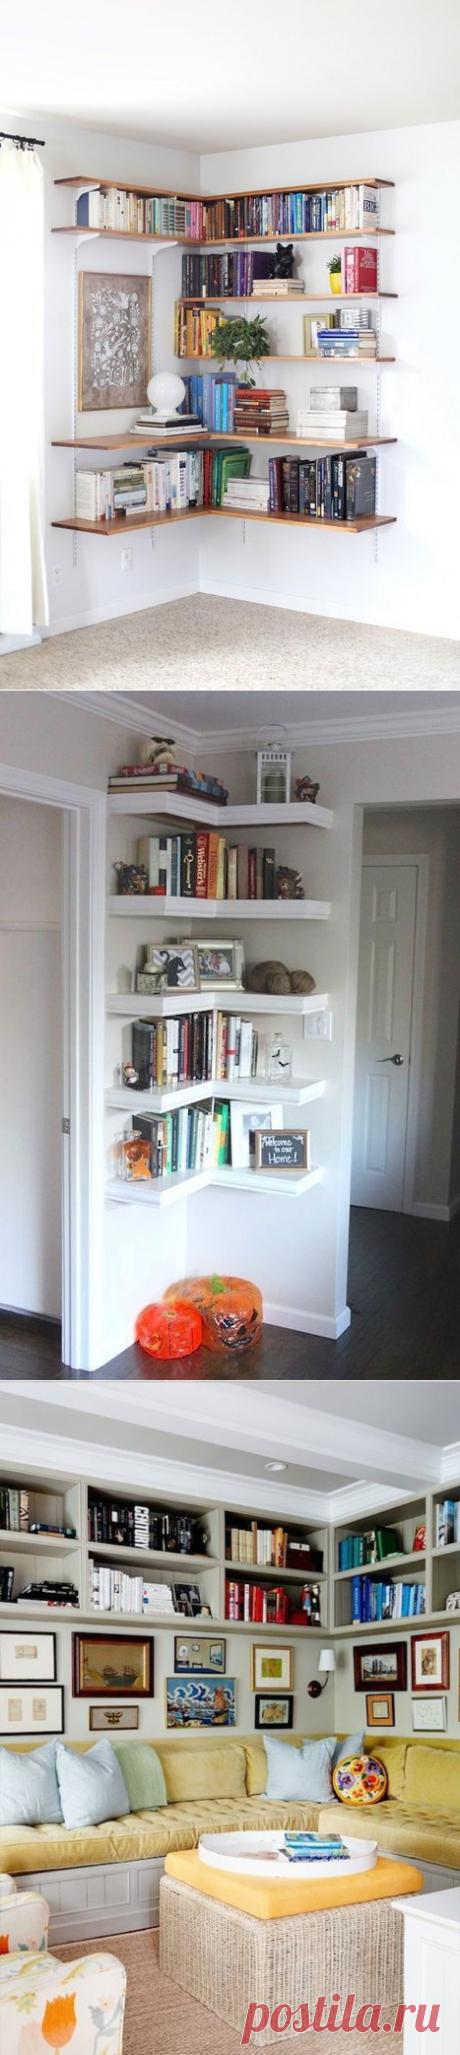 Где найти место для книг в маленькой квартире: интересные идеи по организации пространства — Мой дом